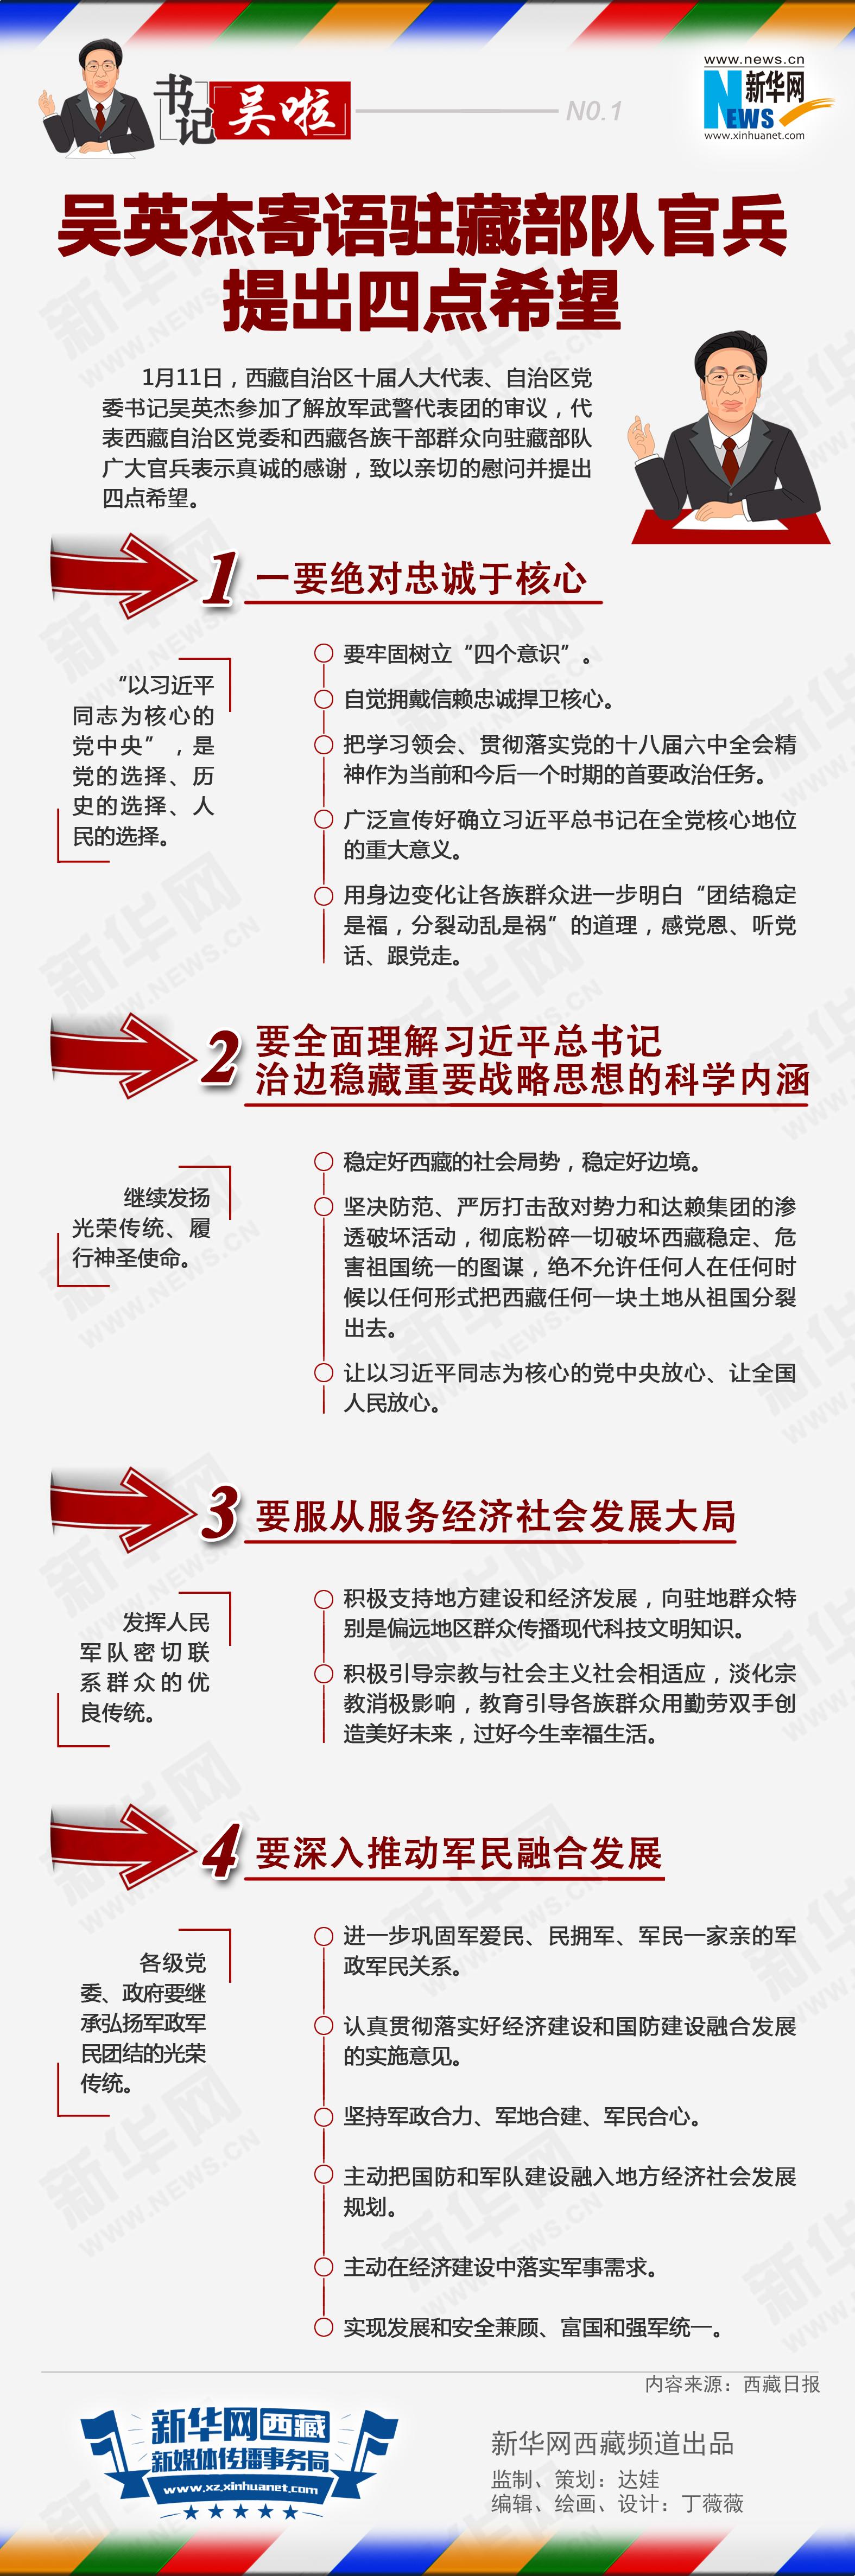 《书记吴啦》之寄语驻藏部队官兵,提出四点希望